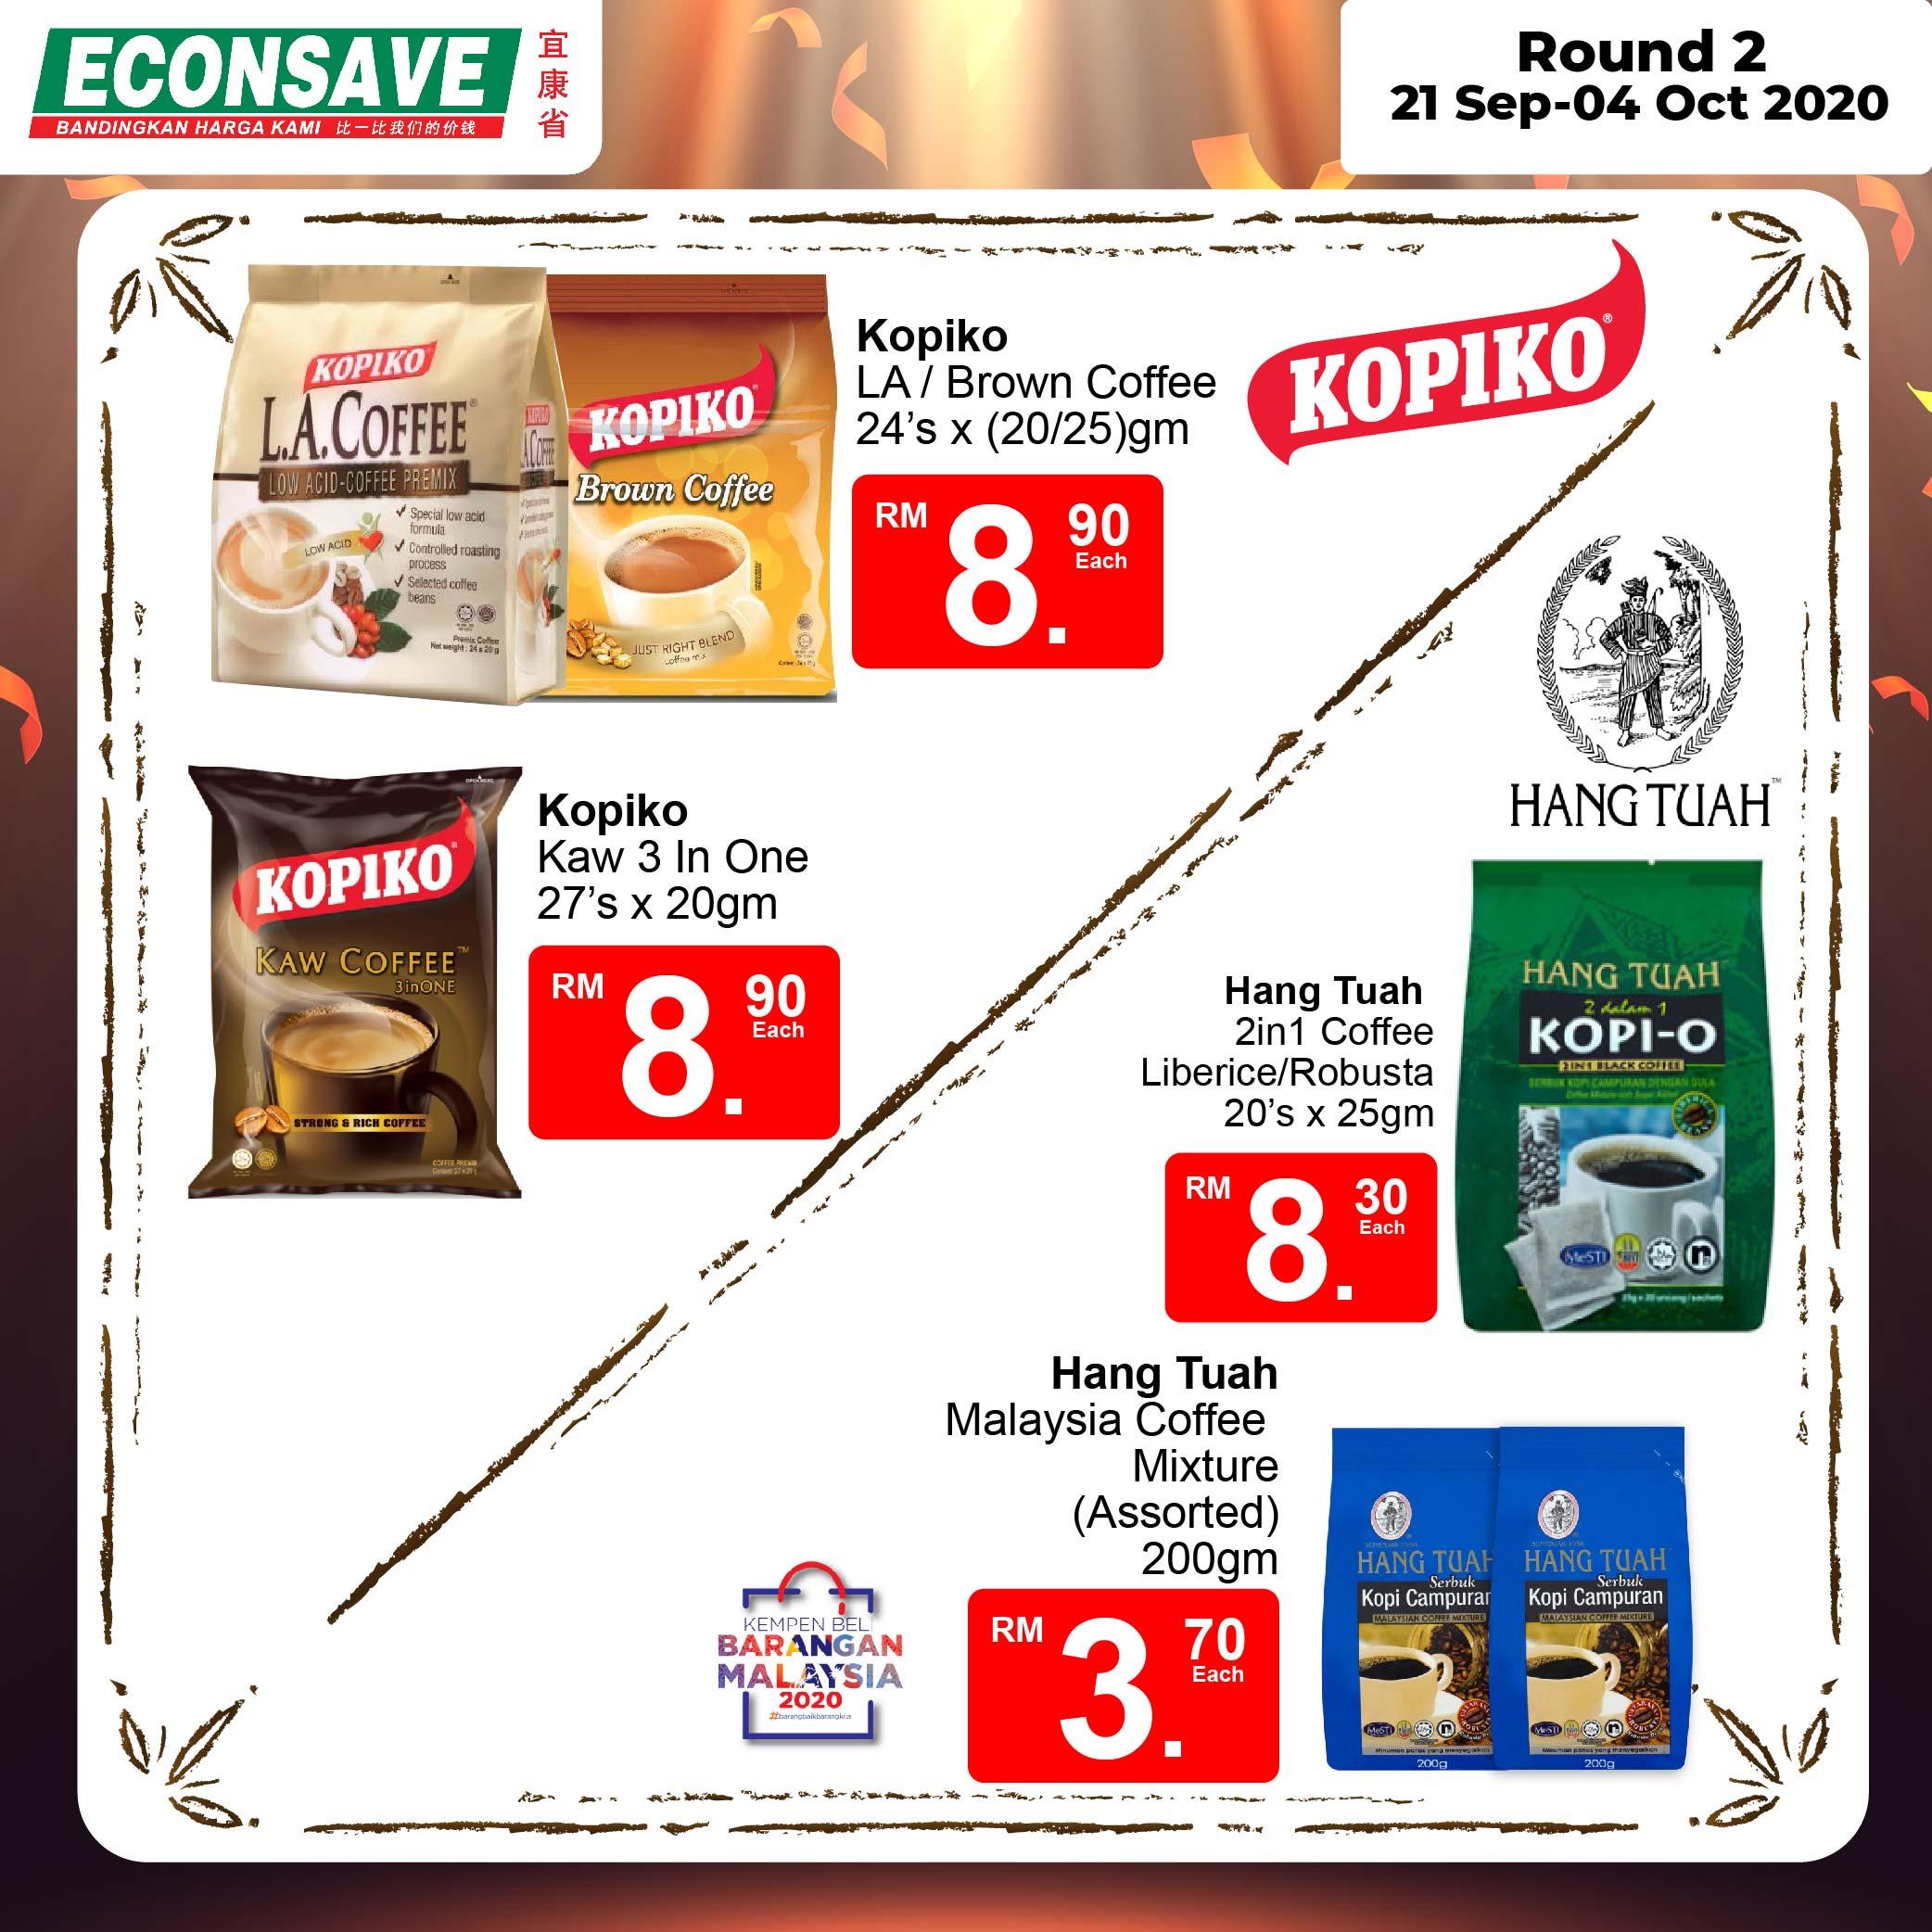 Evonsave Coffie Fair Contest ( ROUND 2 )-07